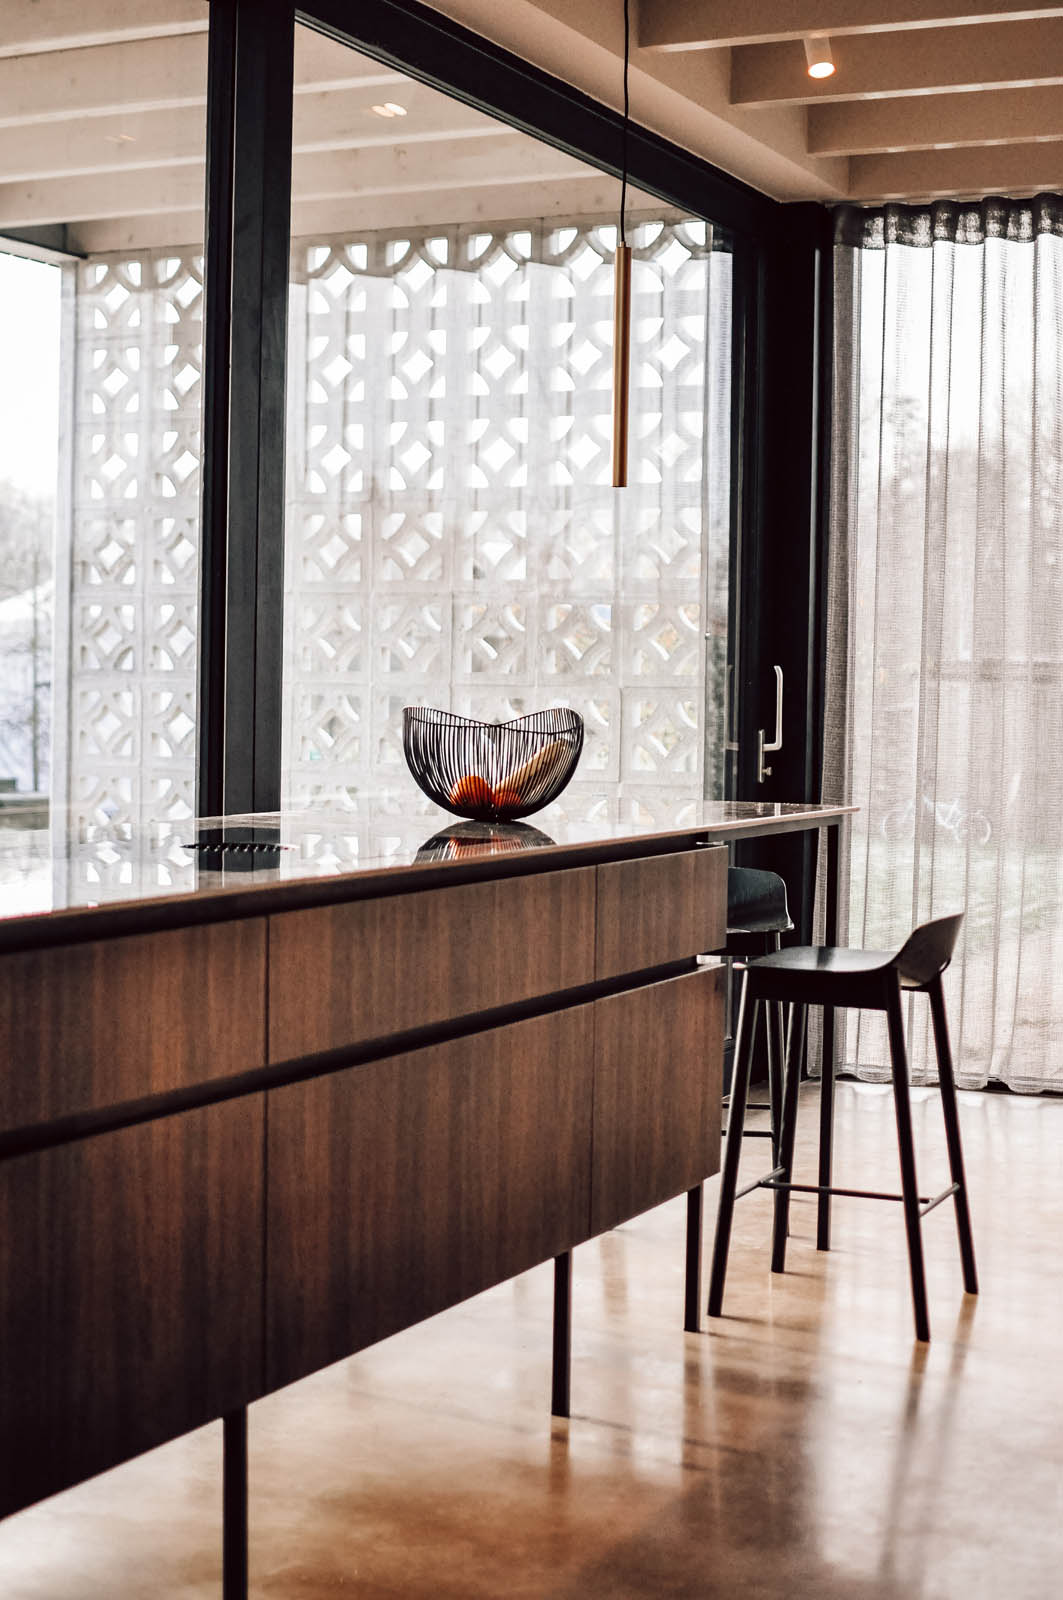 doetinchem_patio_entrance_design_nijs_jeroen_de_keuken_Detail